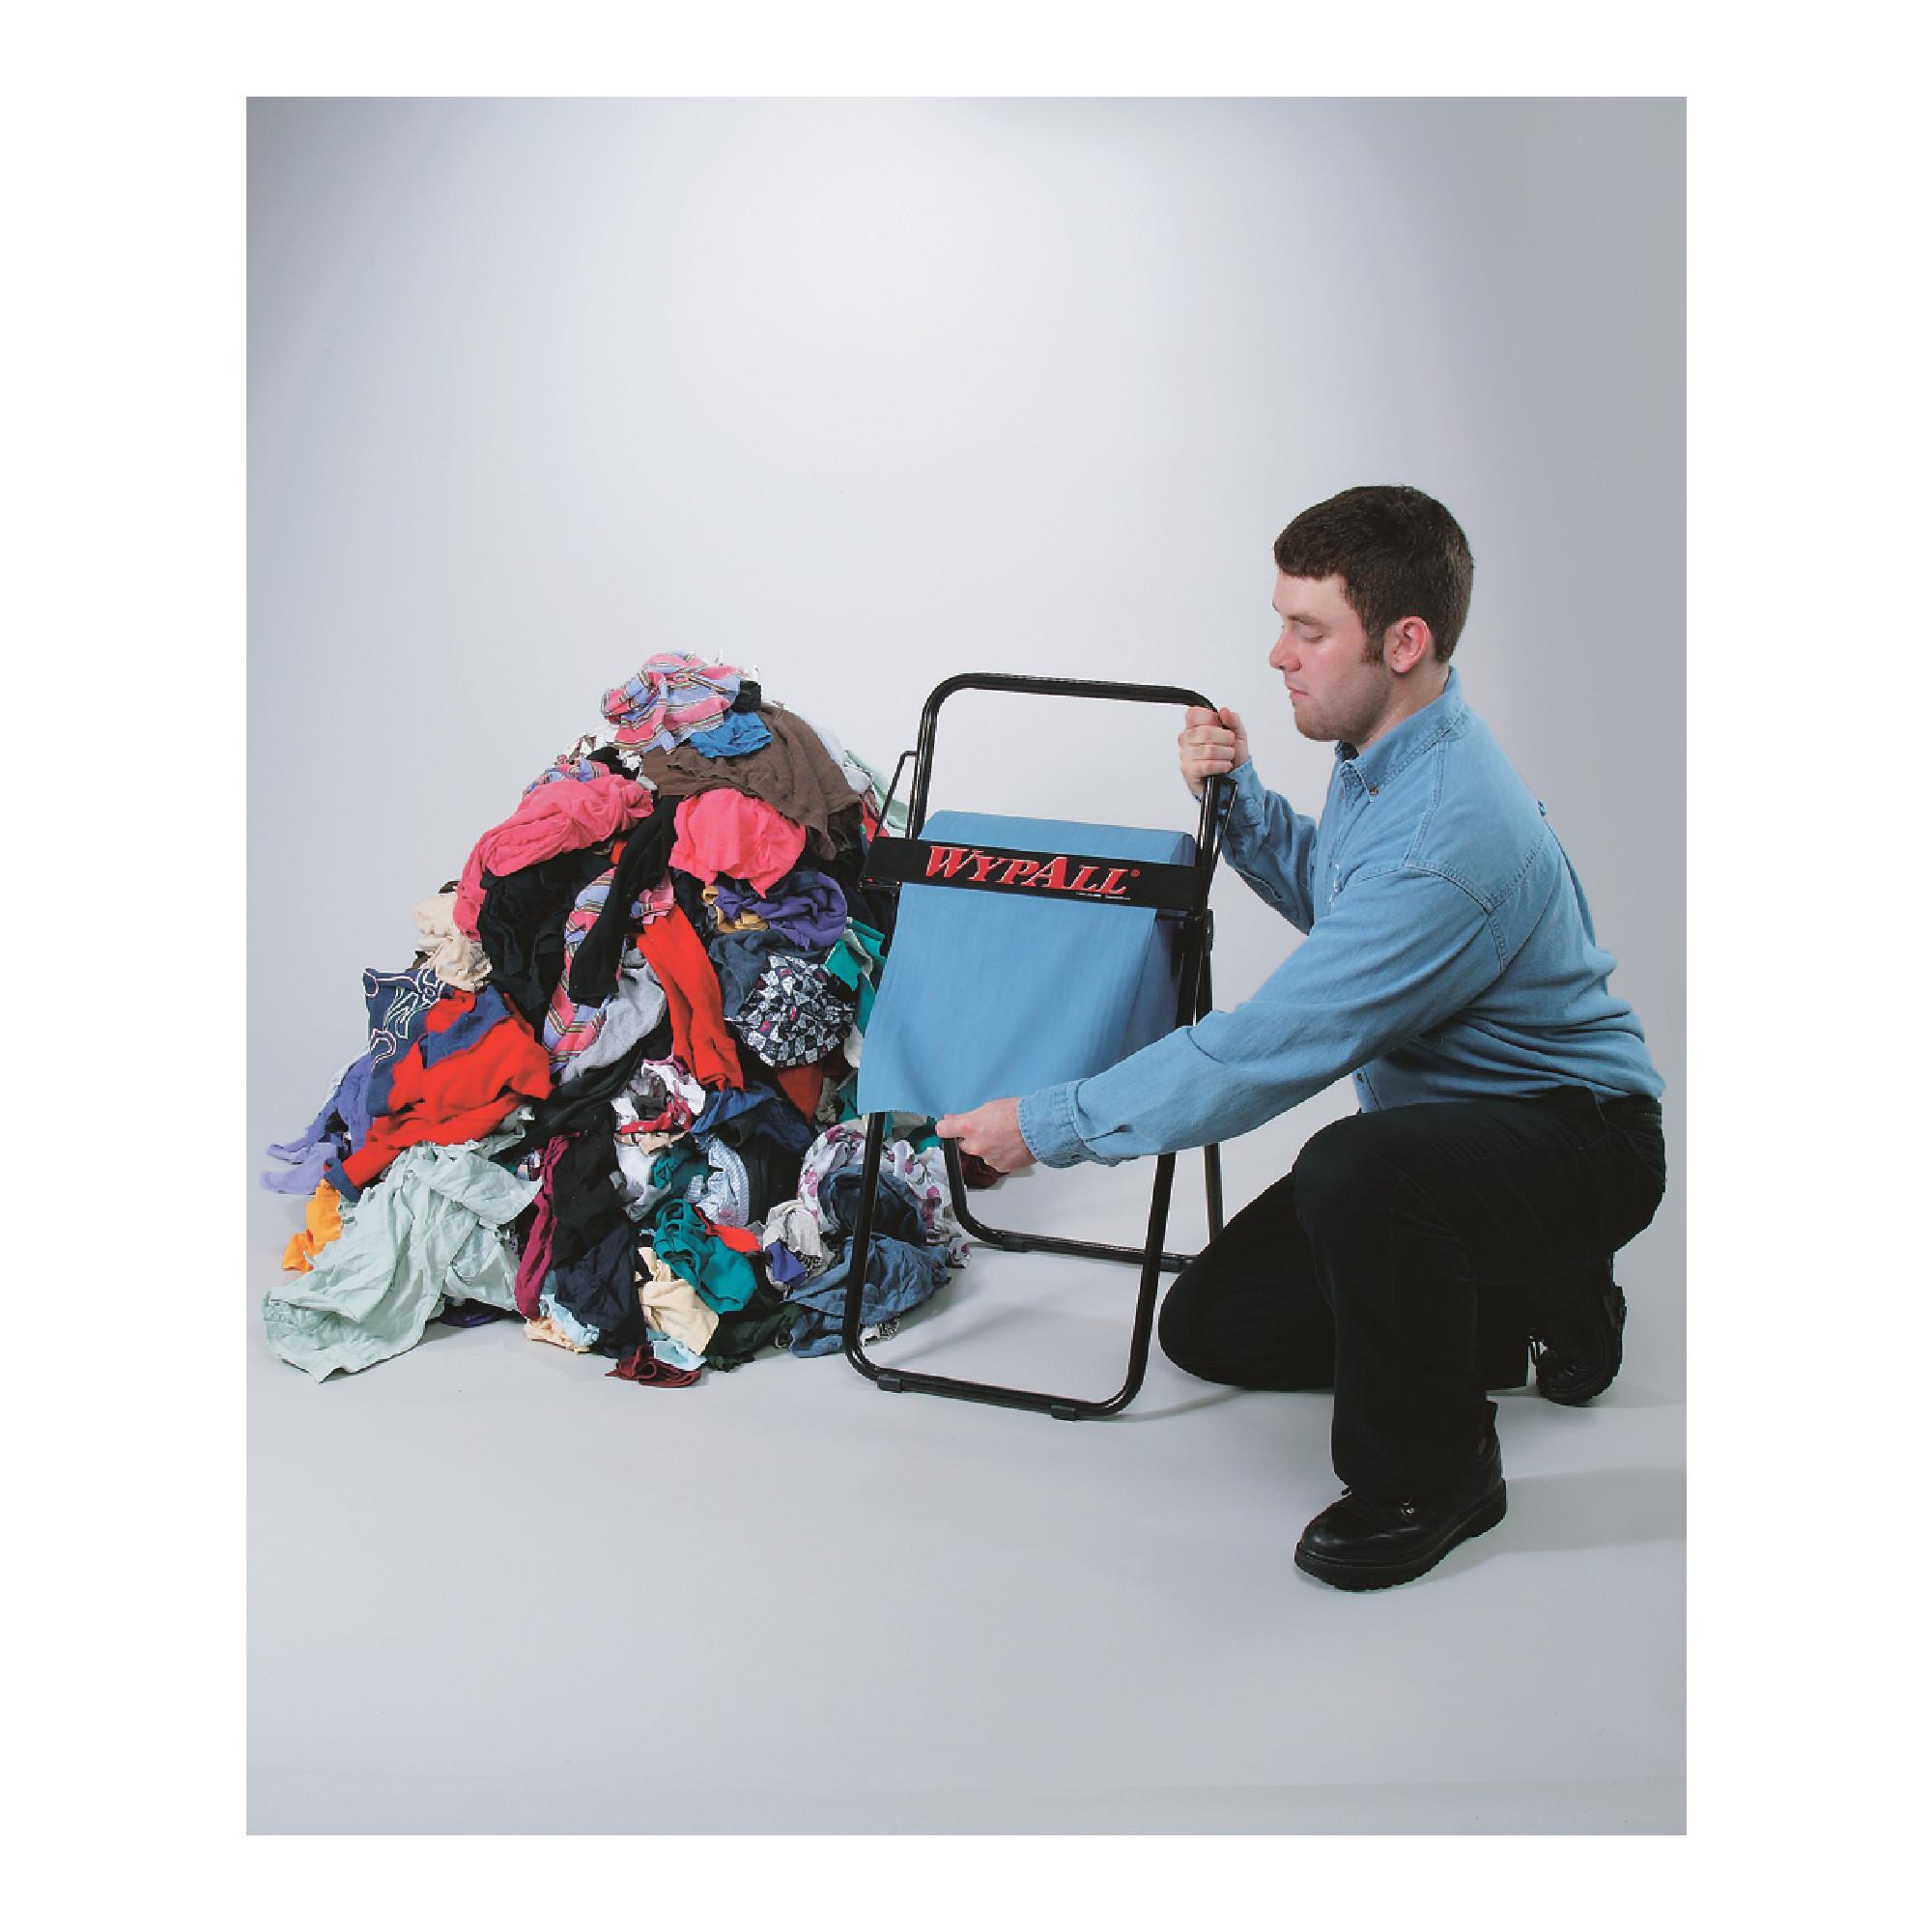 Wypall X80 Towels Jumbo Roll Dispenser